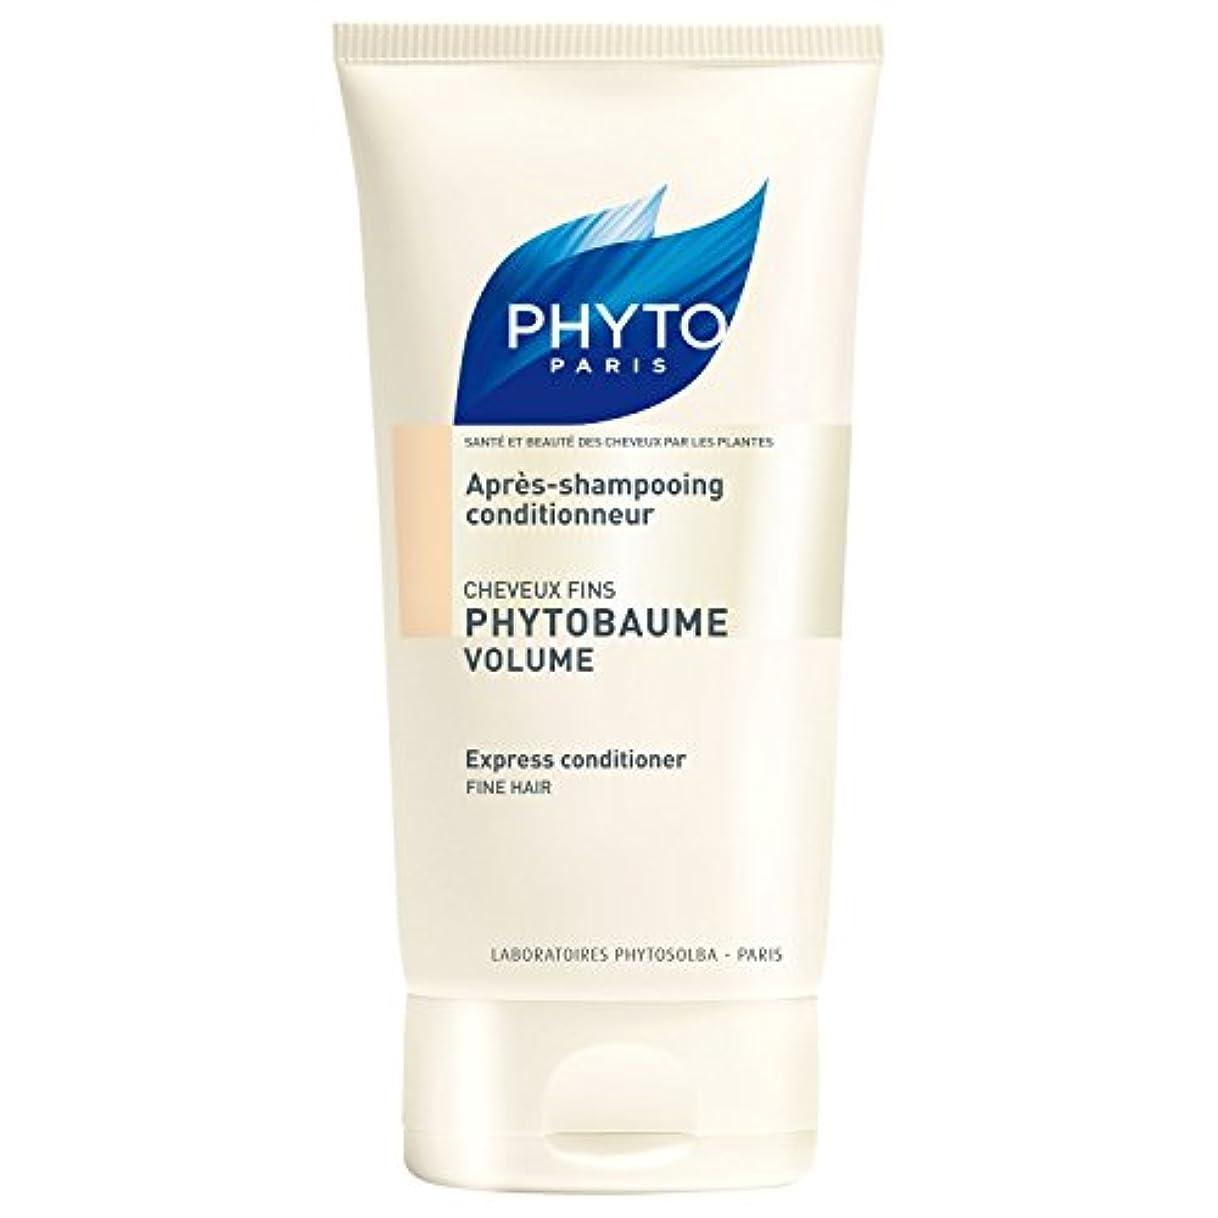 細い髪の150ミリリットルのためのフィトPhytobaumeボリュームエクスプレスコンディショナー (Phyto) - Phyto Phytobaume Volume Express Conditioner for Fine...